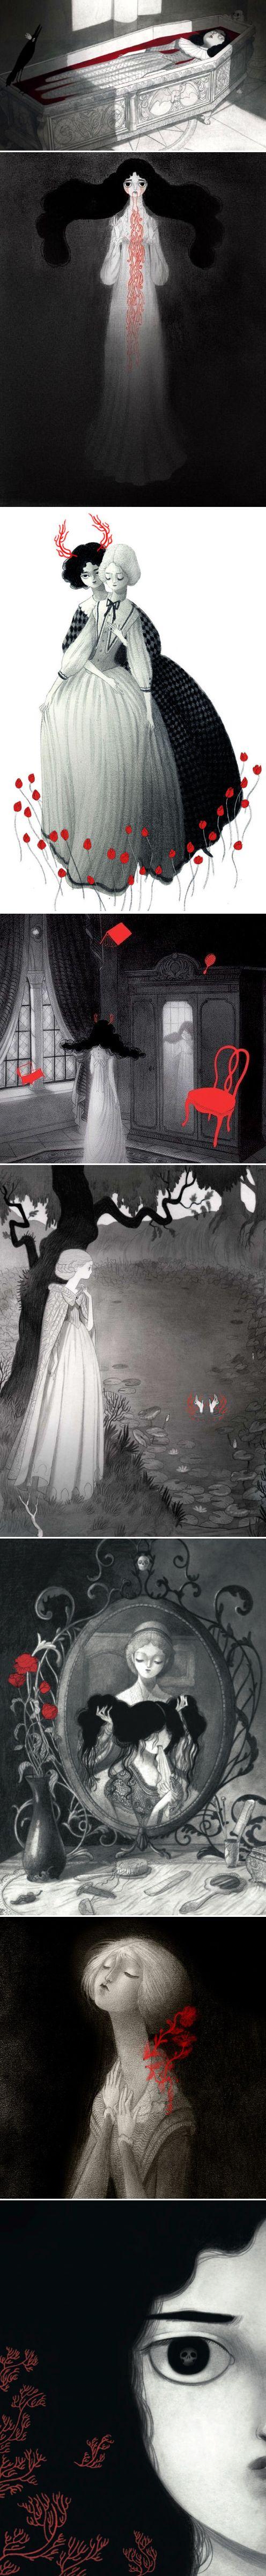 Isabella Mazanti's illustrations for Sheridan Le Fanu's Carmilla => noir et blanc + objet mis en évidence à l'aide d'une couleur